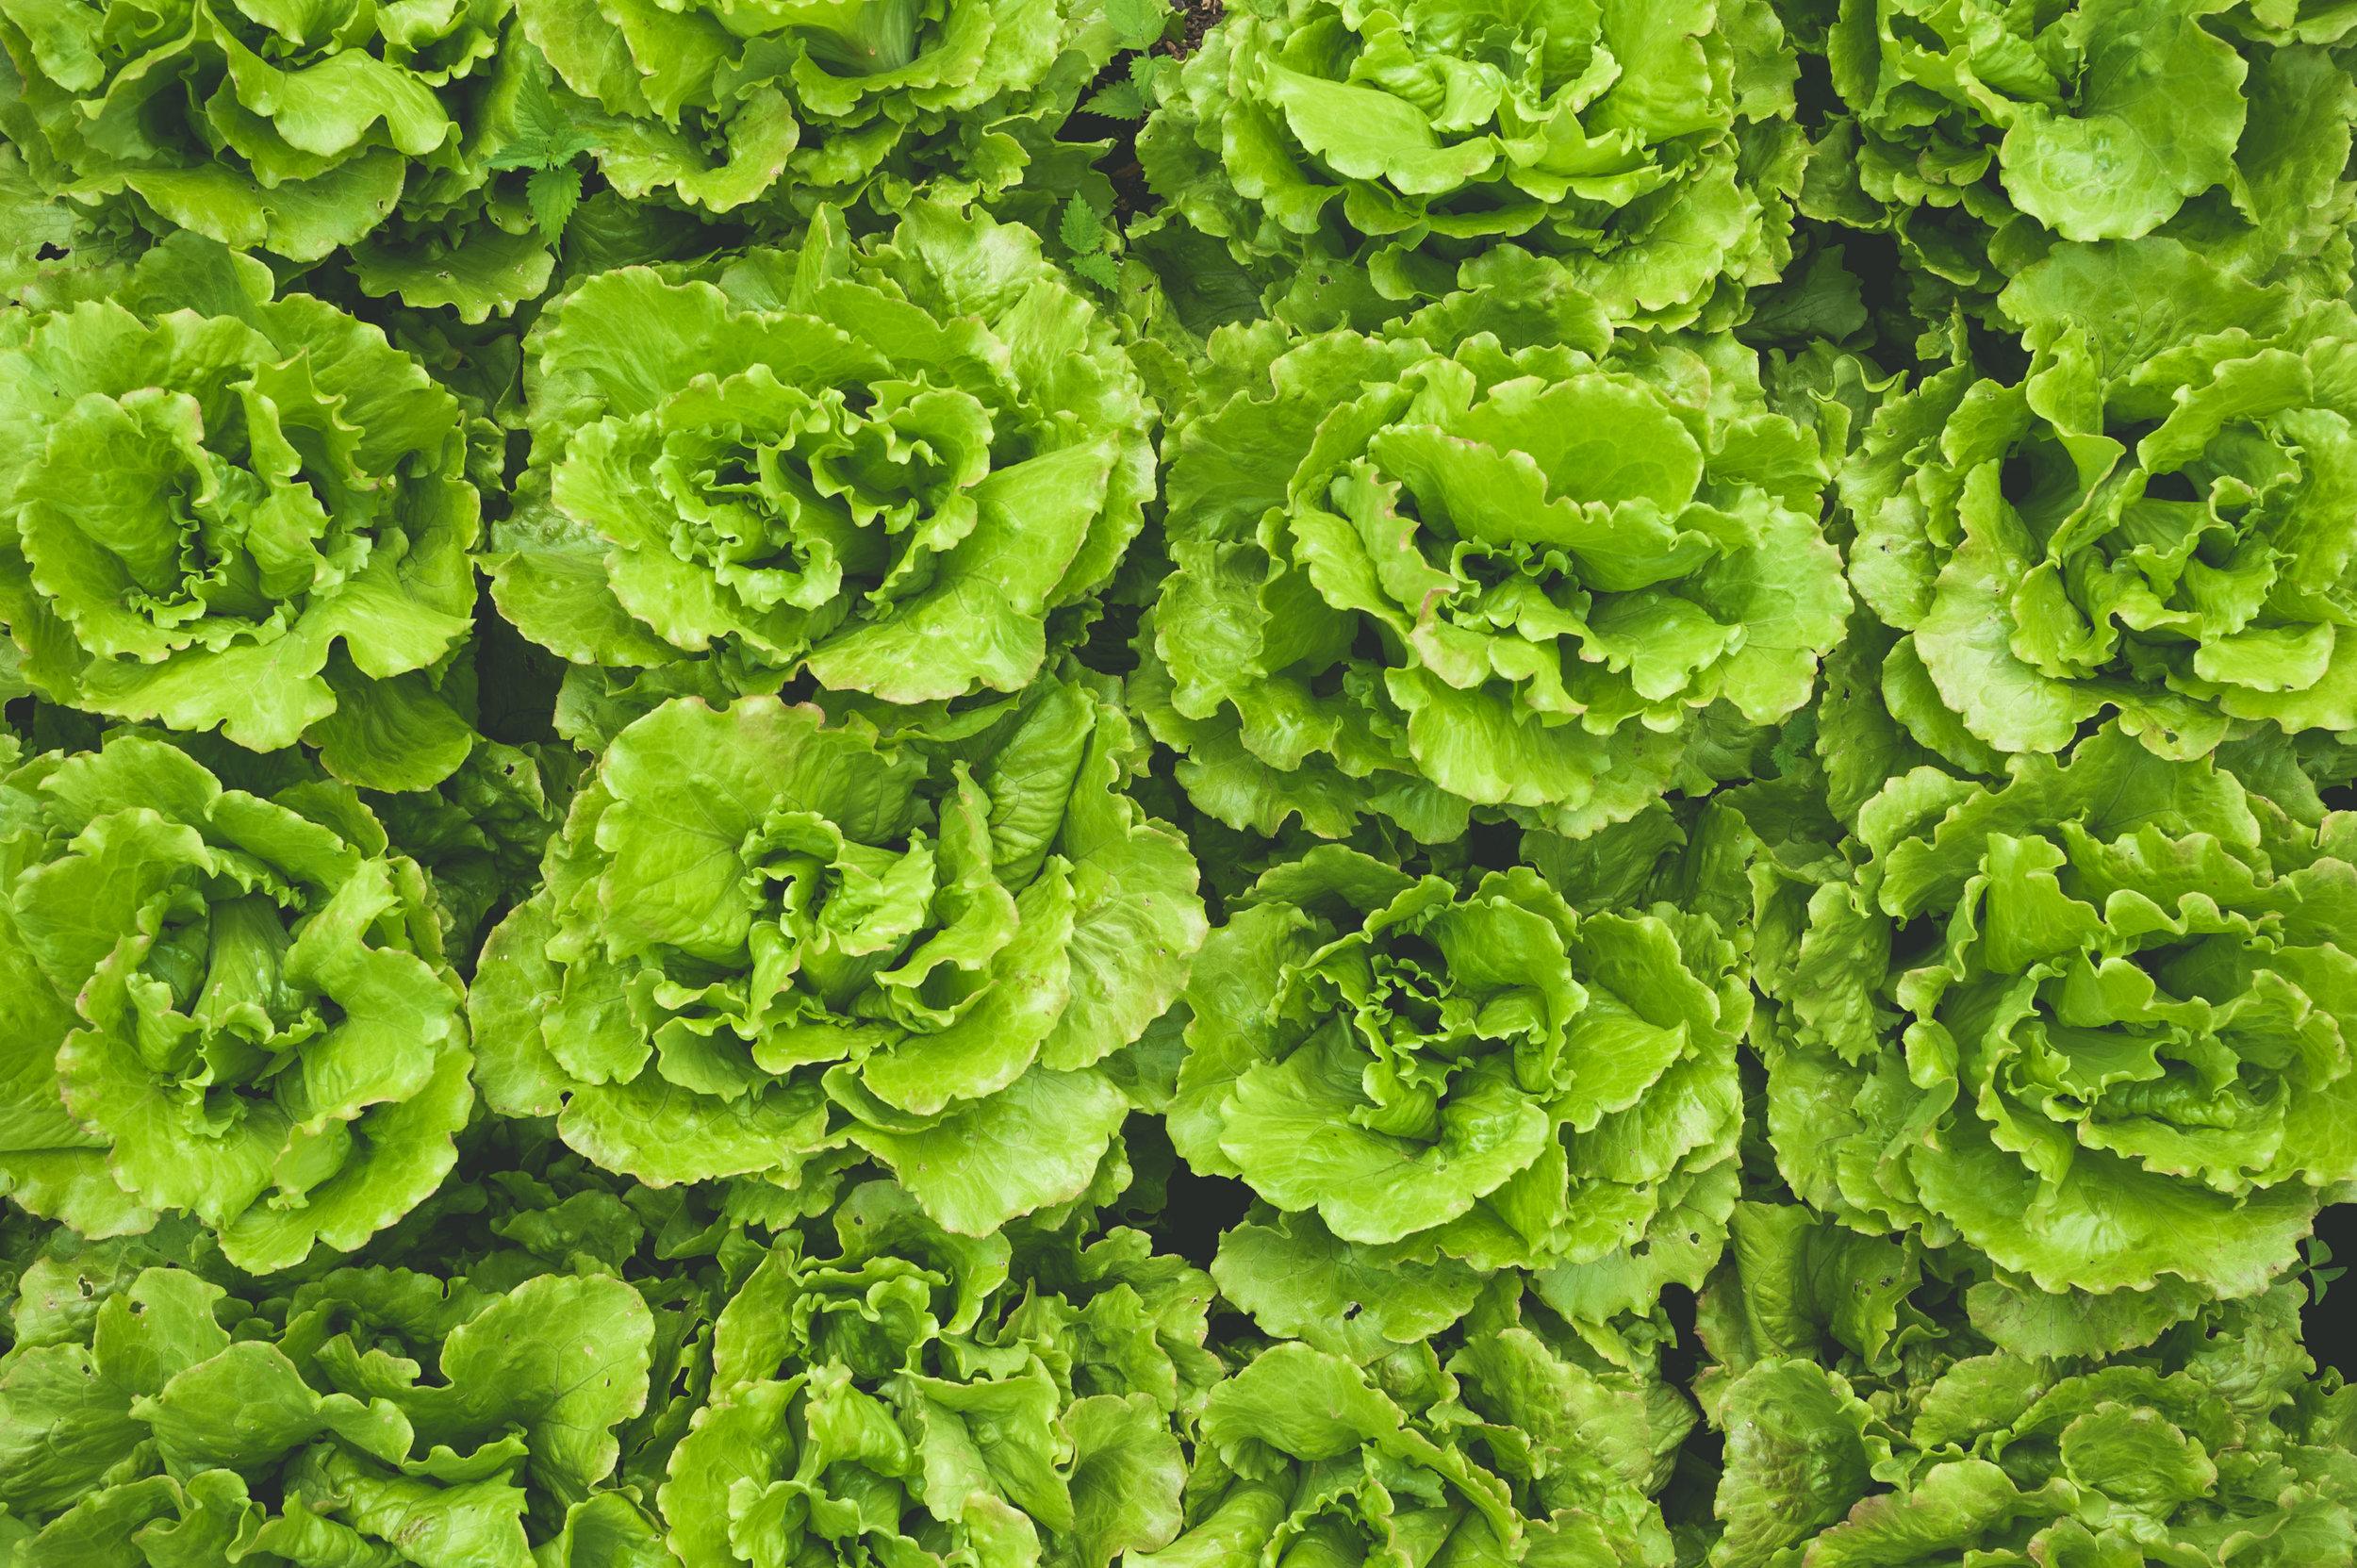 letuce-leaf-photography.jpg